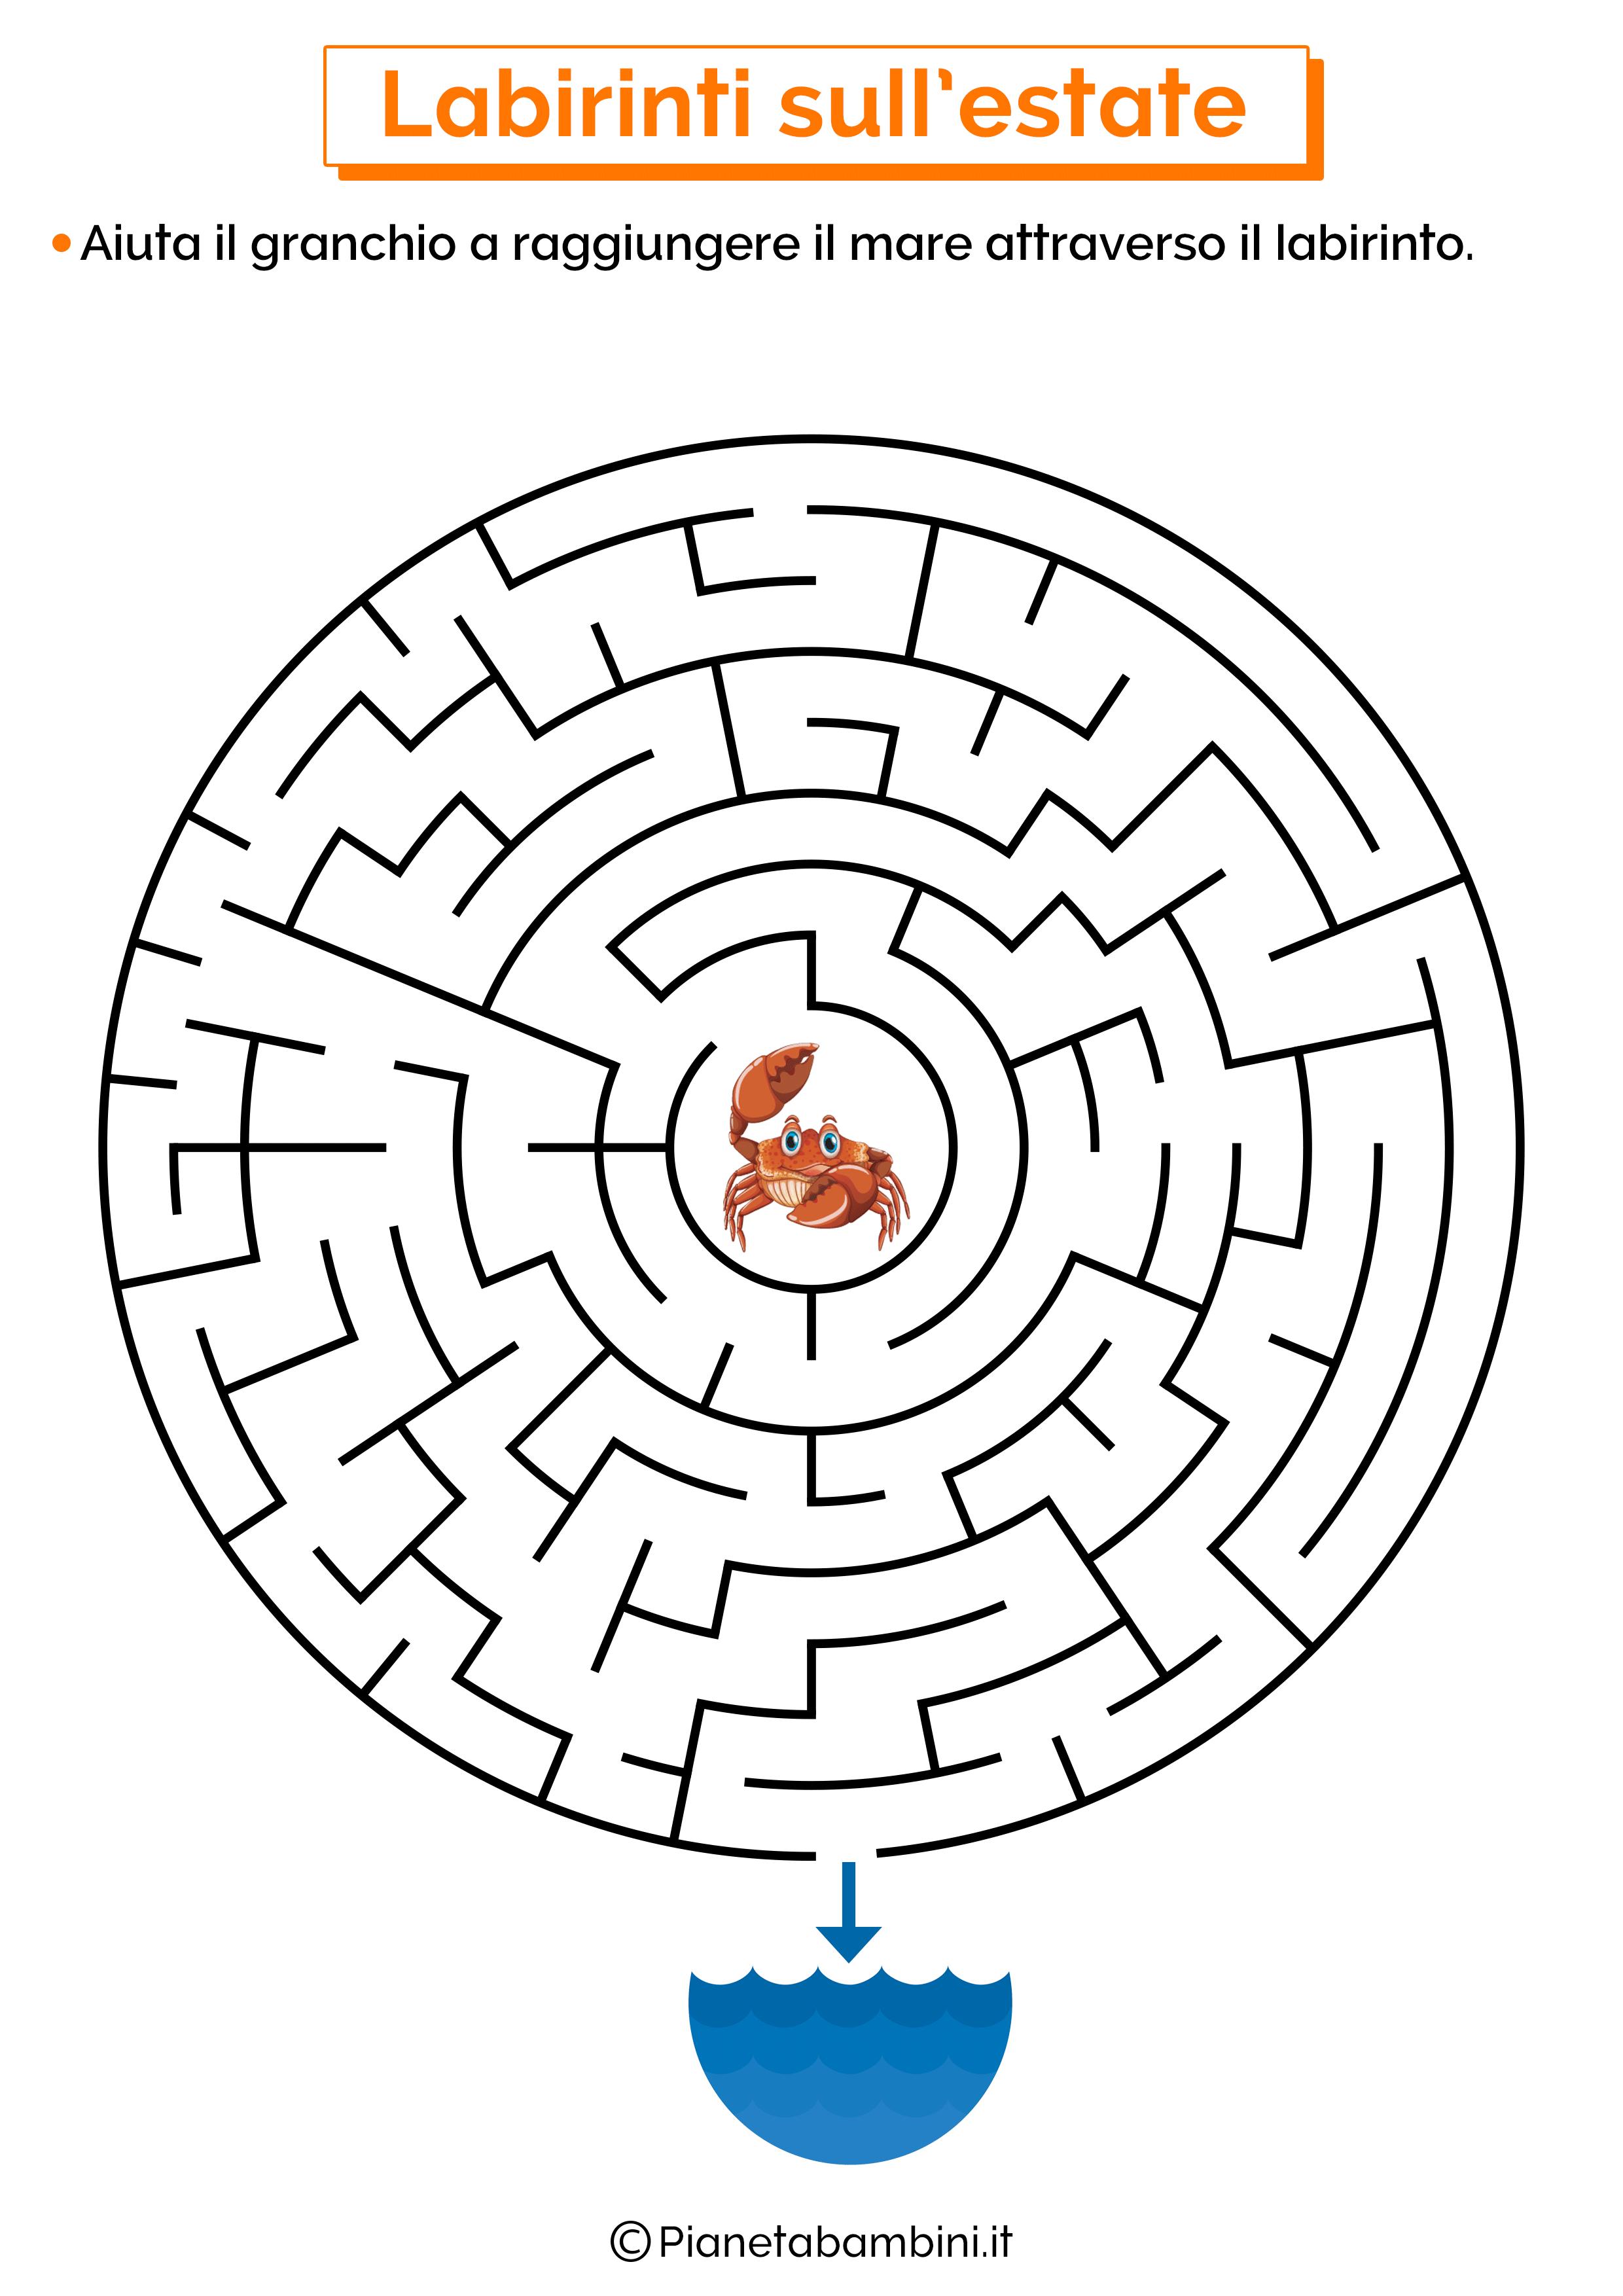 Labirinto sull'estate 02